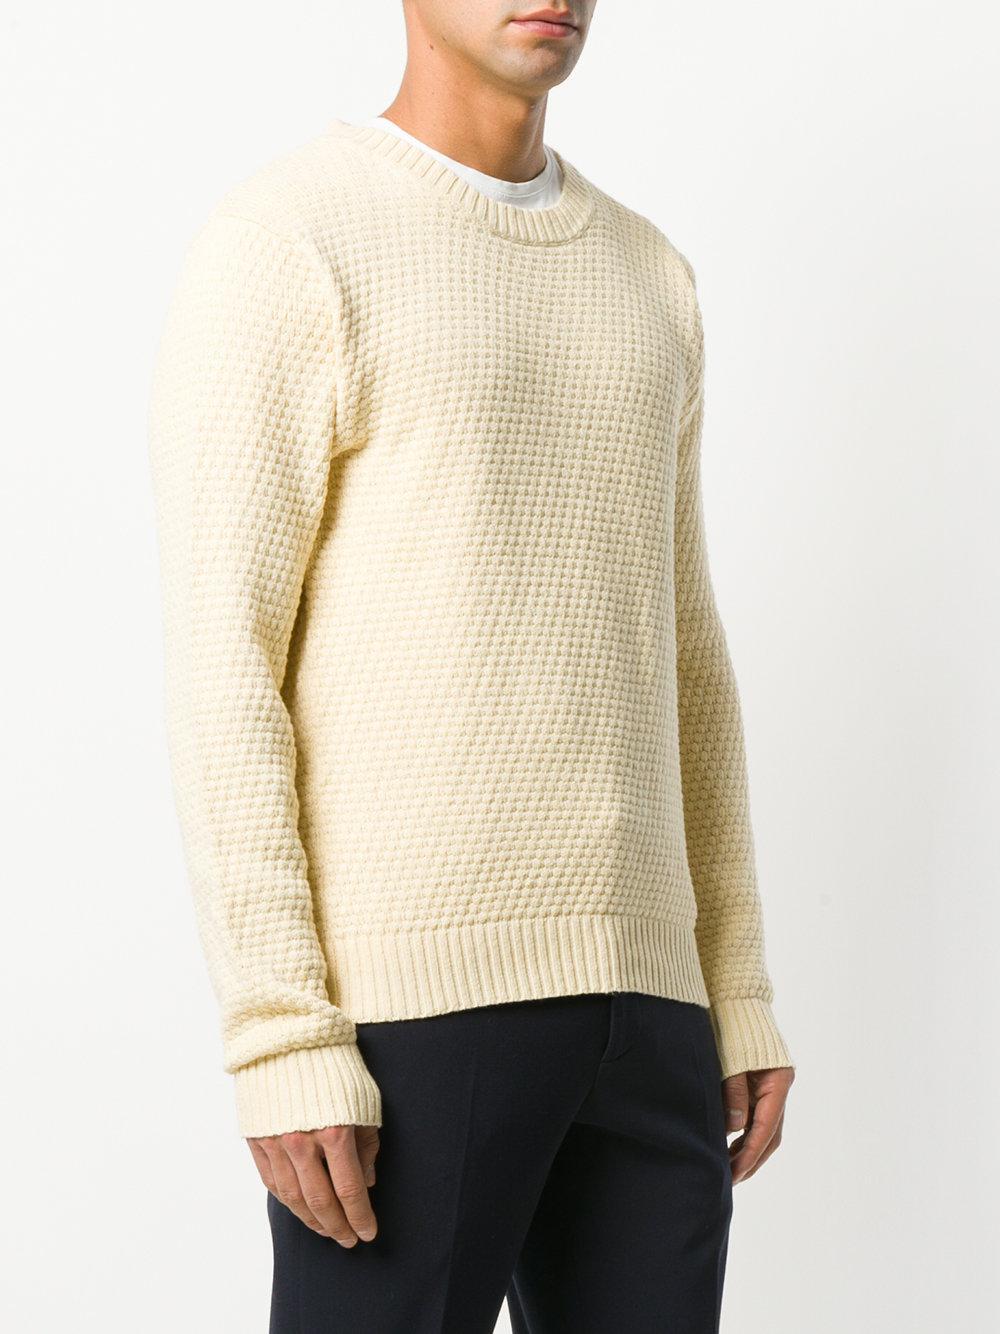 Gant Rugger Cotton The Tuck Knit Jumper in Natural for Men